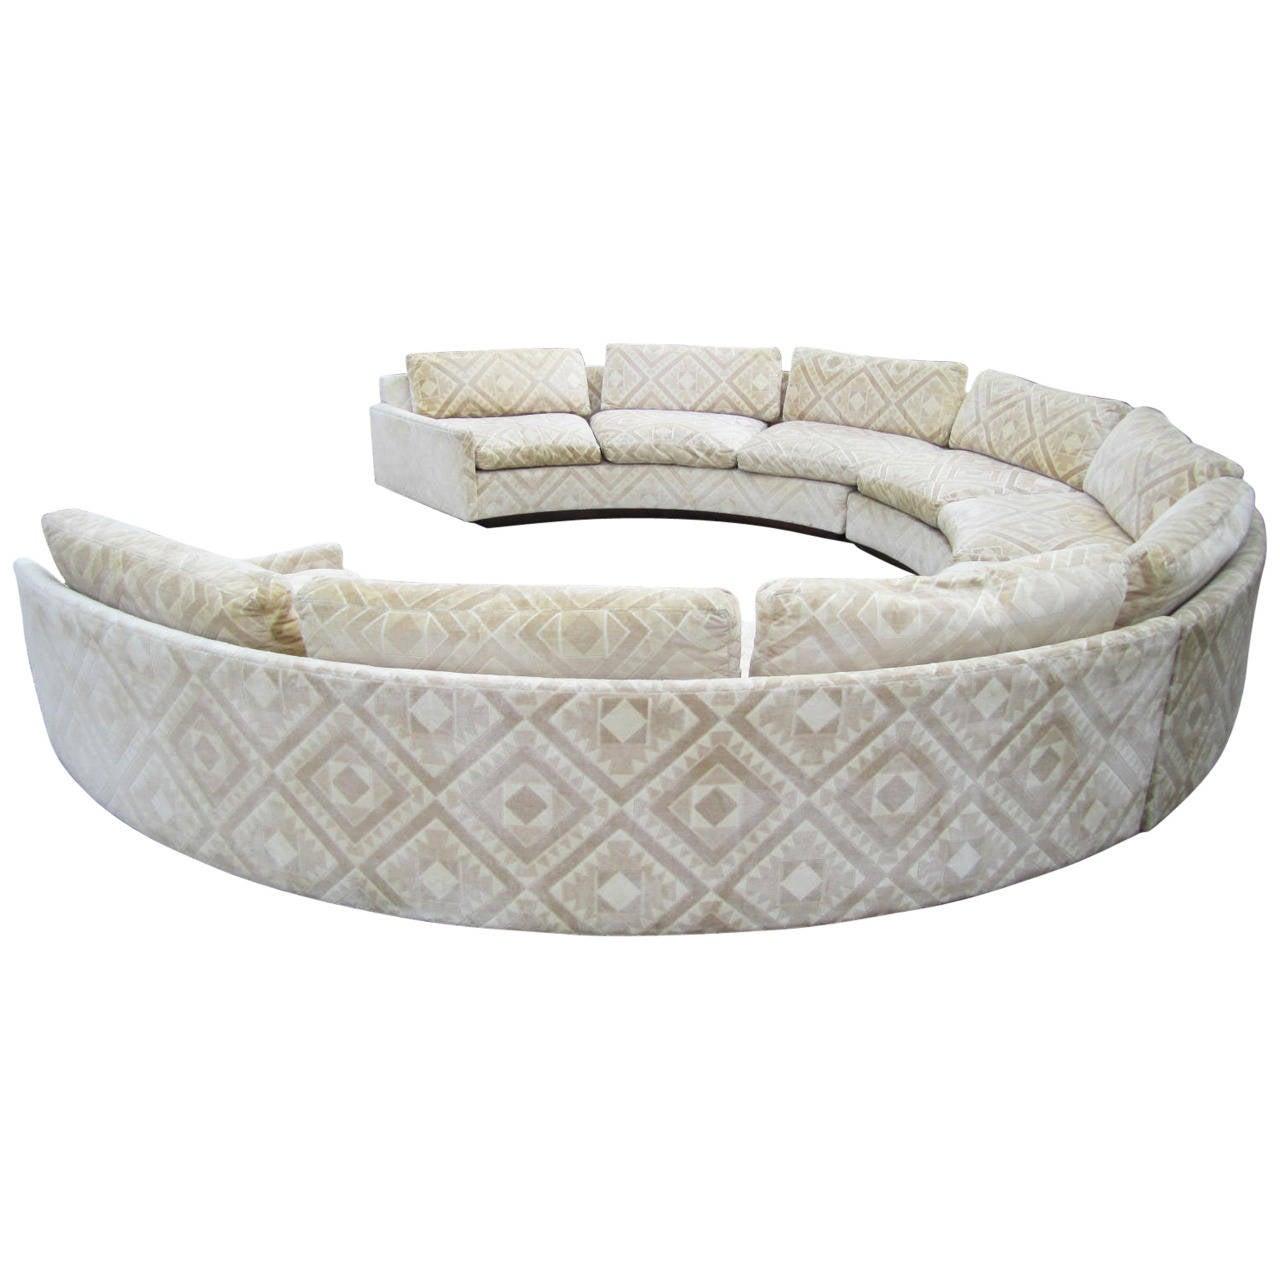 circular sofa chair metal dining spectacular three piece milo baughman mid